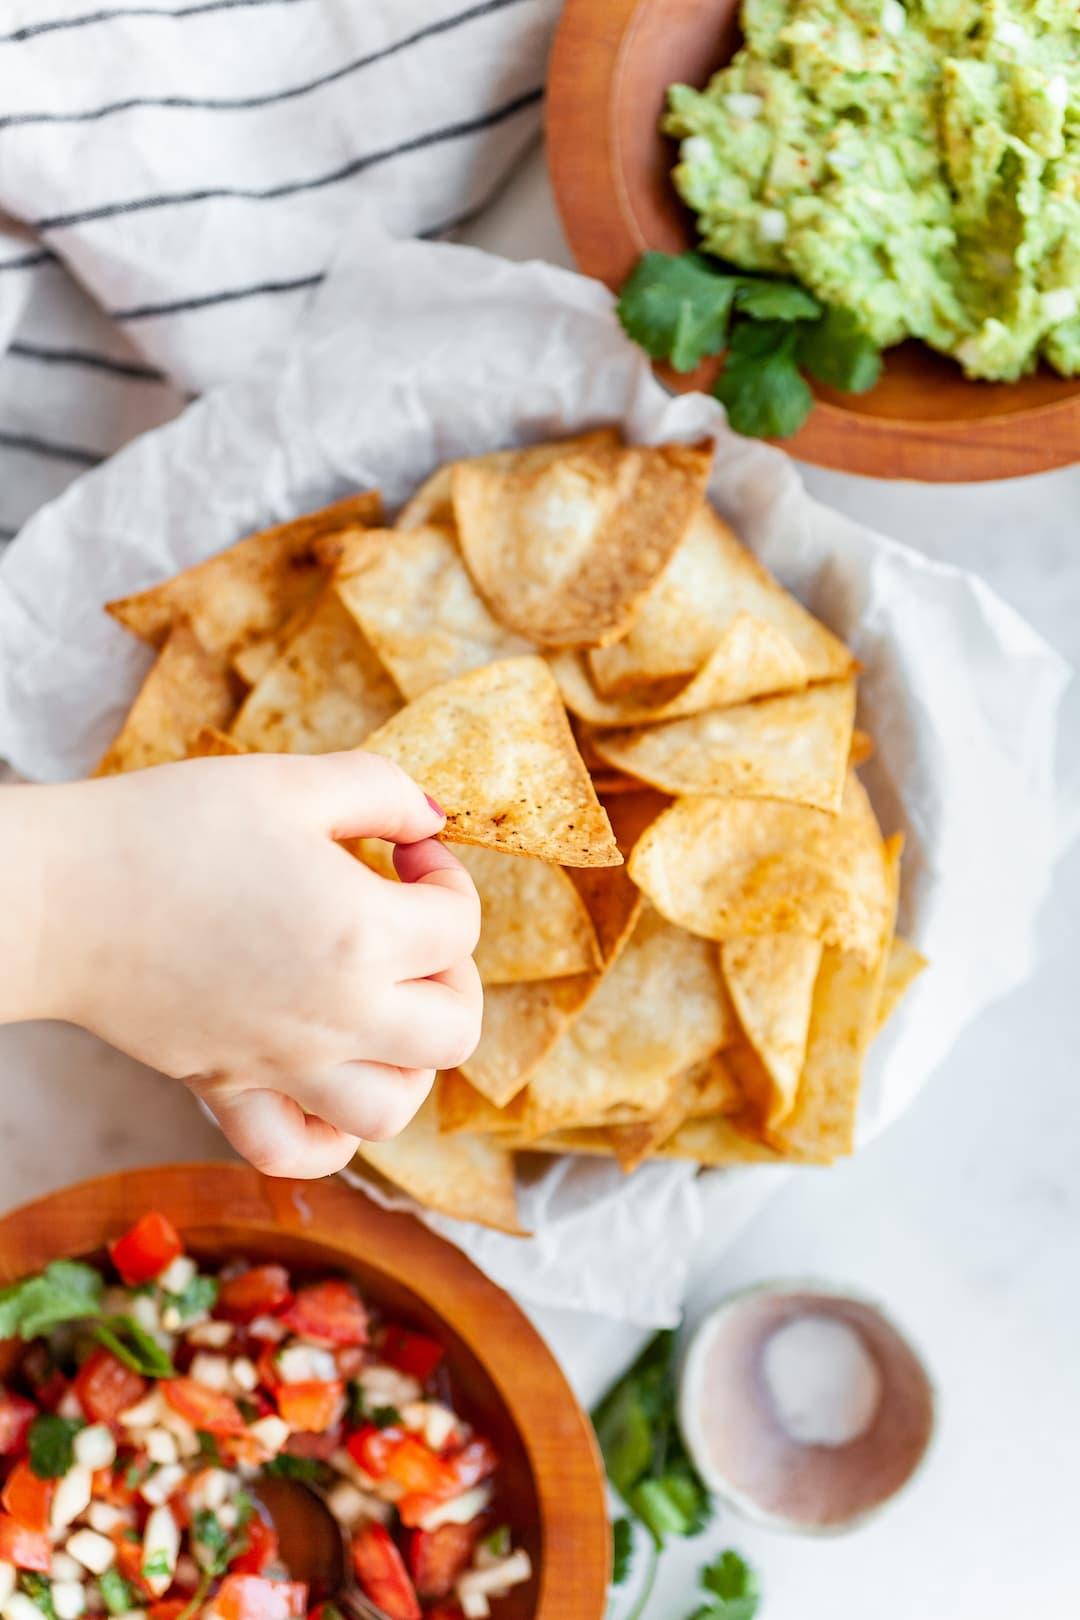 Hand grabbing an air fryer tortilla chip from a platter with guacamole, salsa, and air fryer tortilla chips